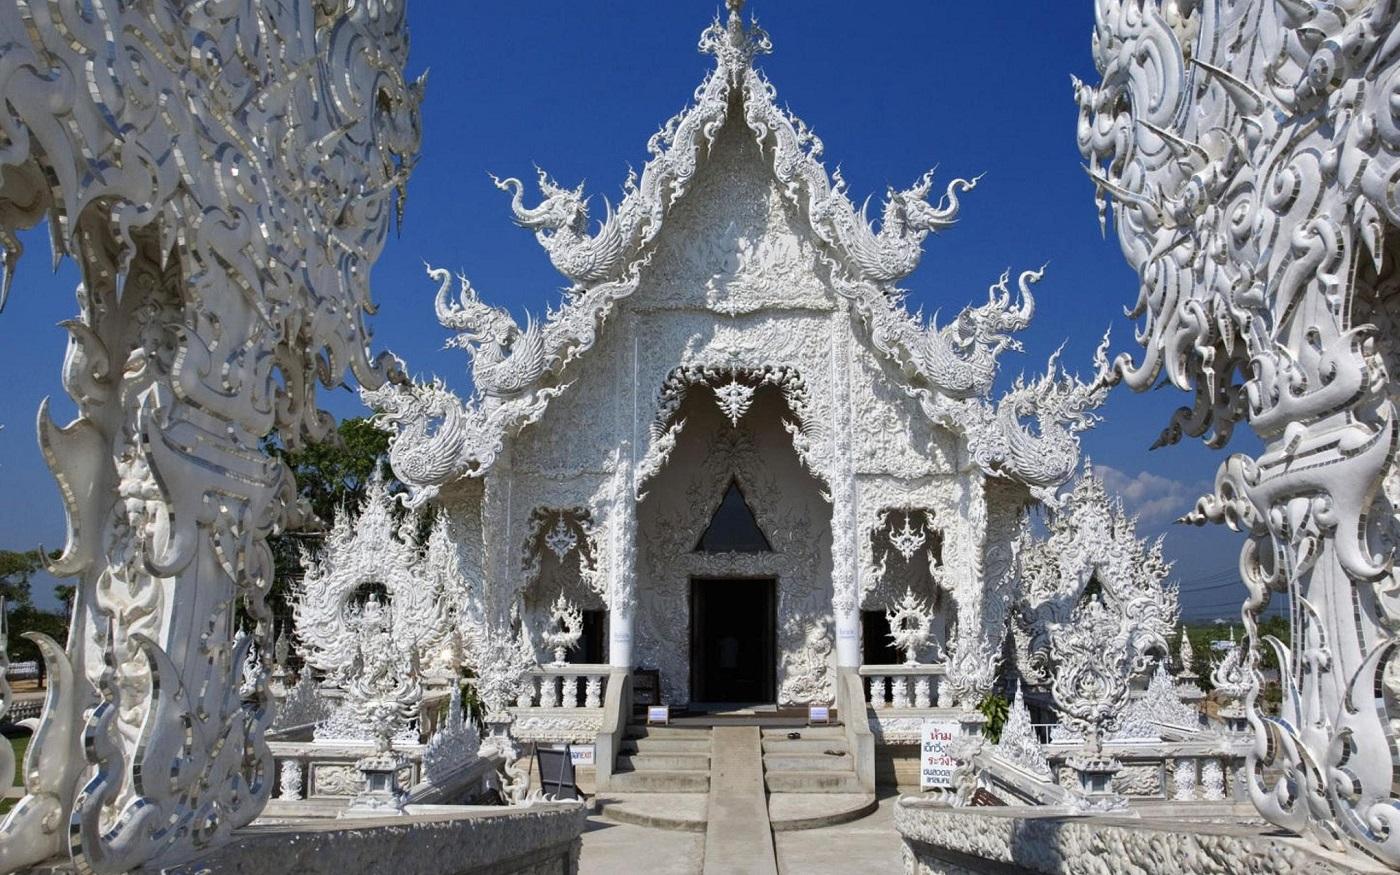 Templul Alb, o operă arhitecturală uimitoare în Thailanda